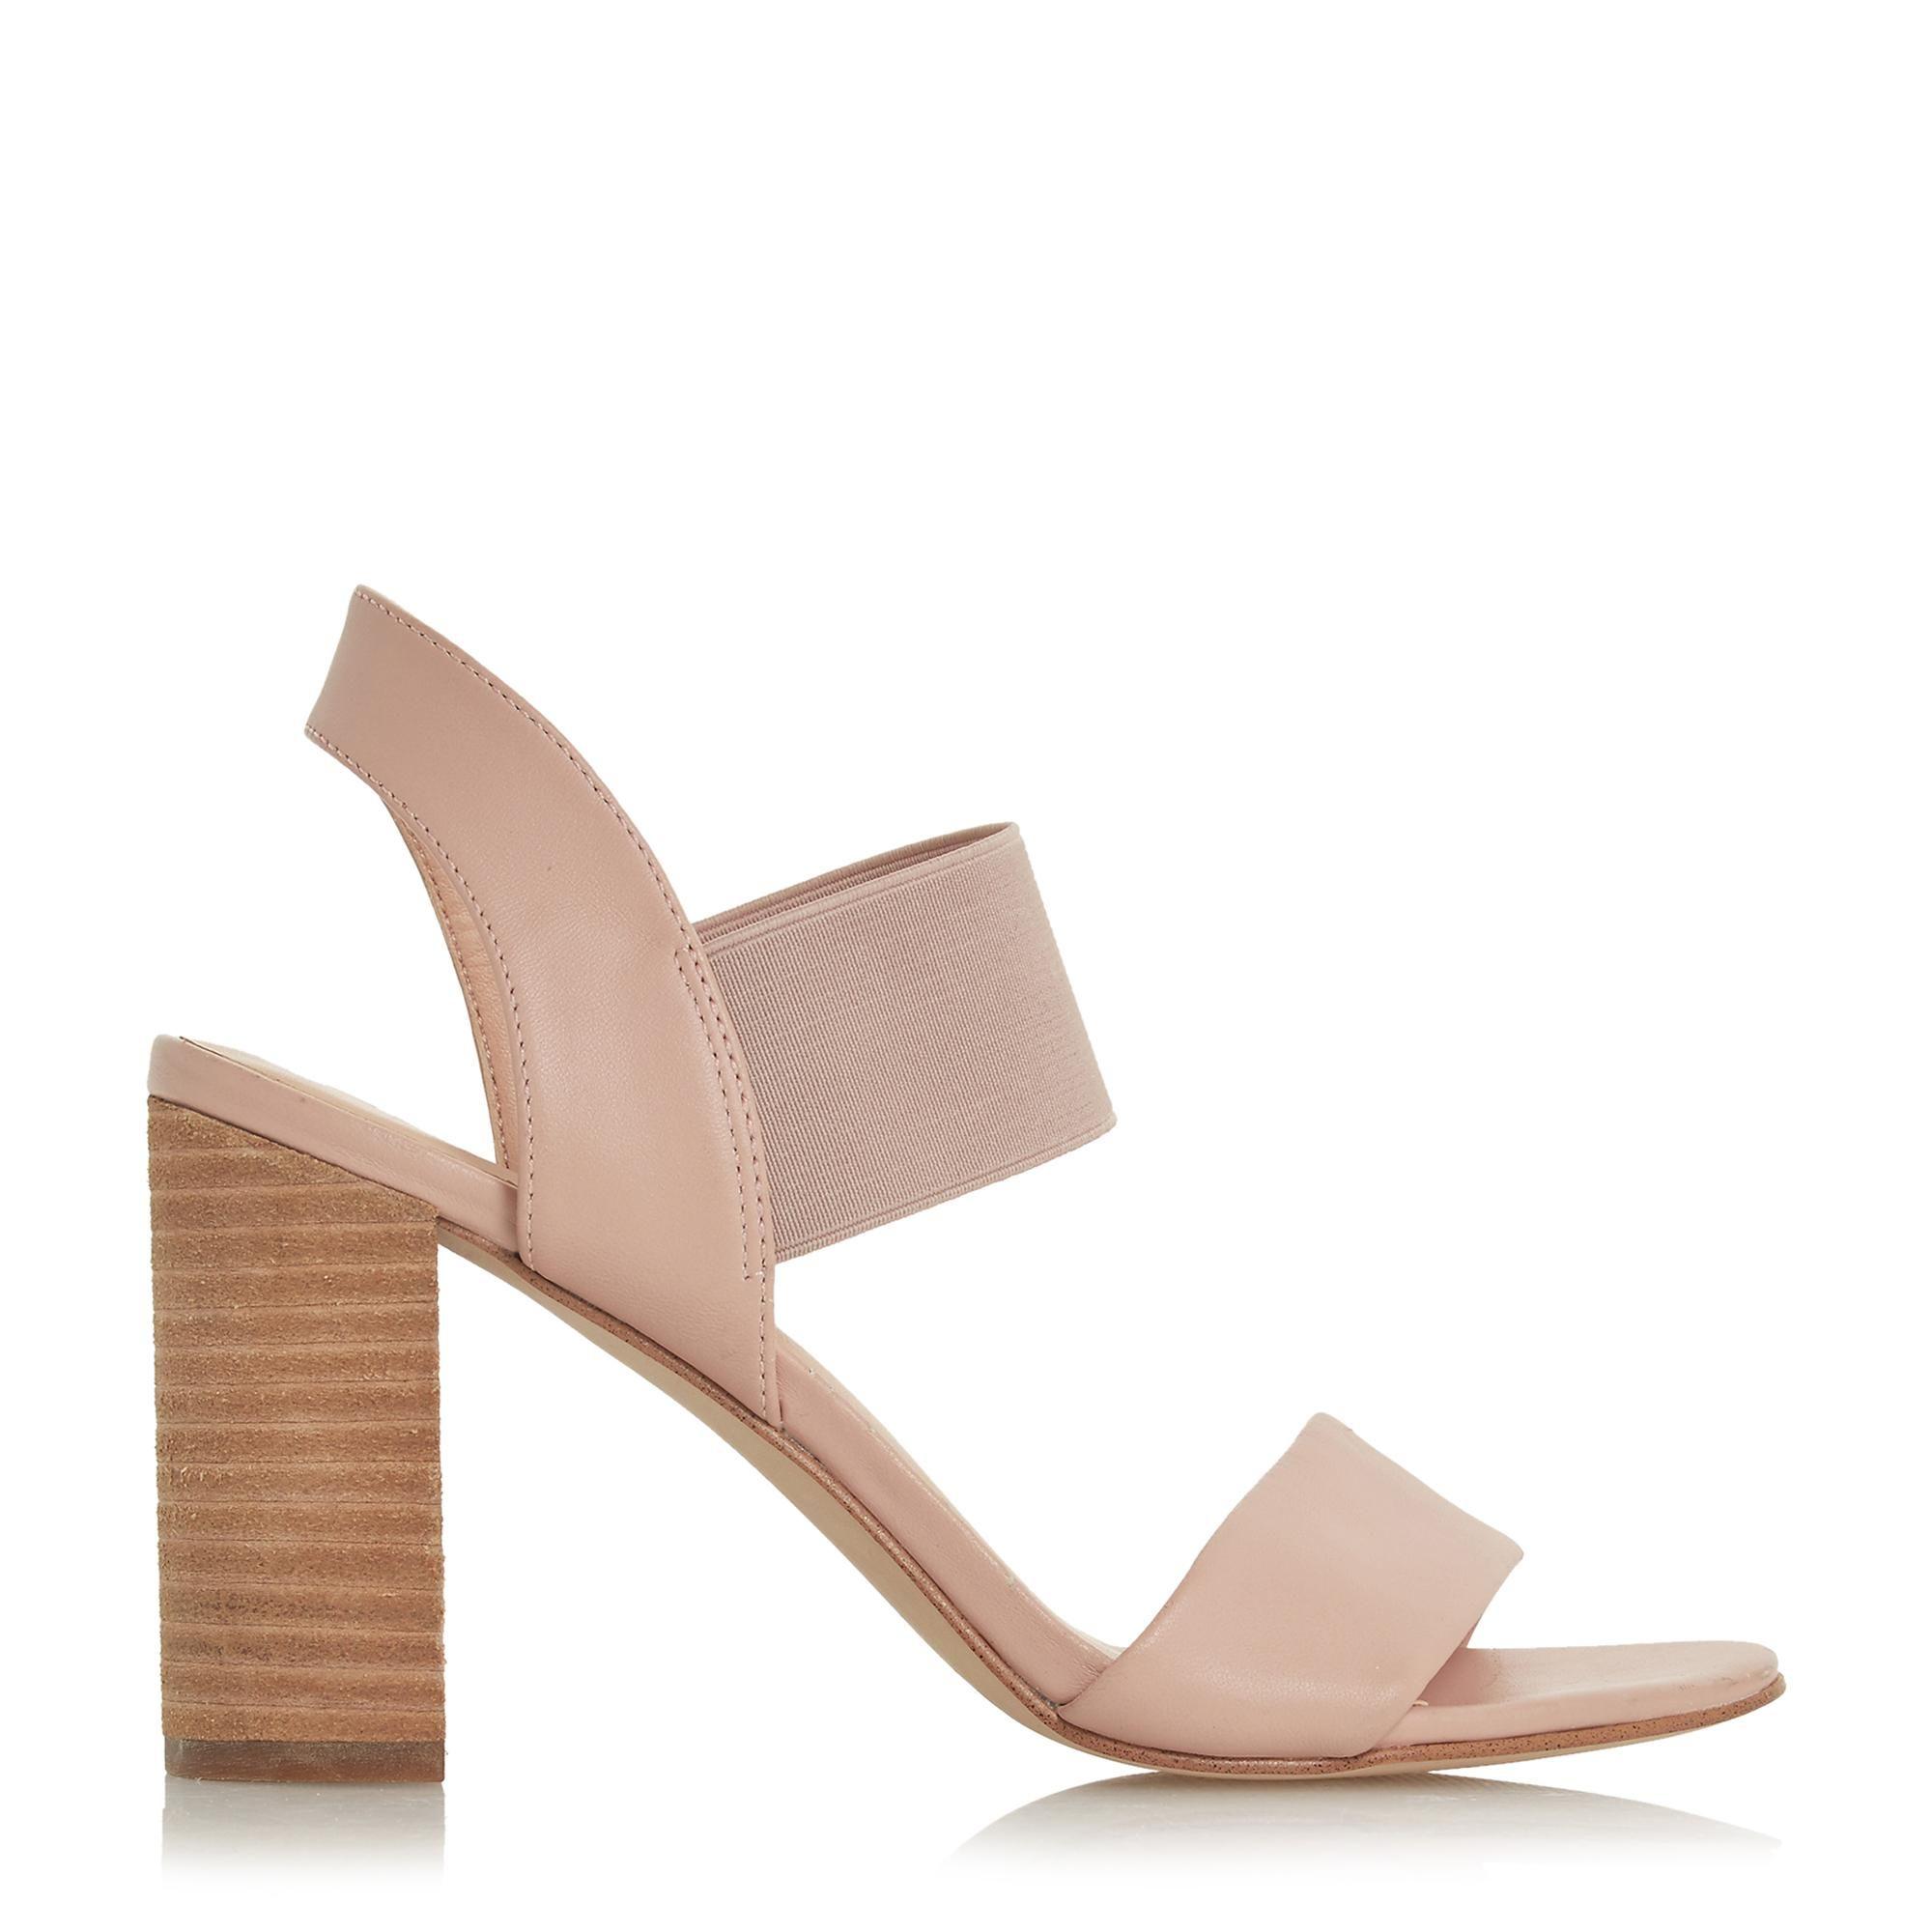 Dune Ladies JUMPER Double Strap High Block Heel Sandals